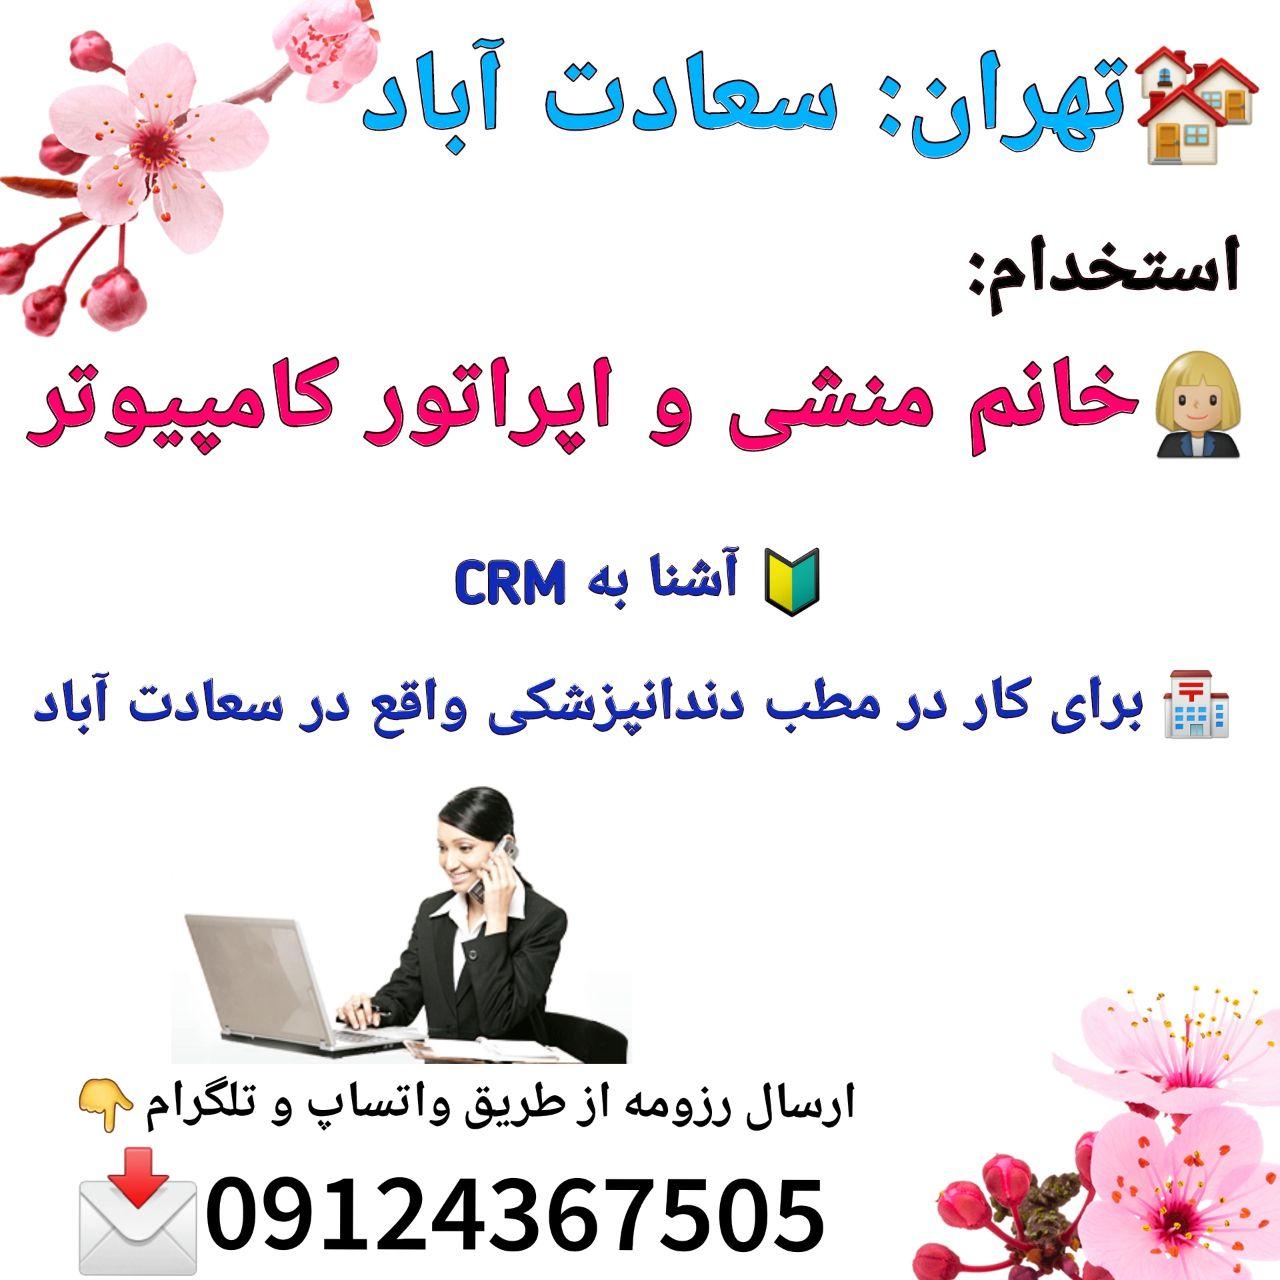 تهران: سعادت آباد، نیاز به خانم منشی، و اپراتور کامپیوتر